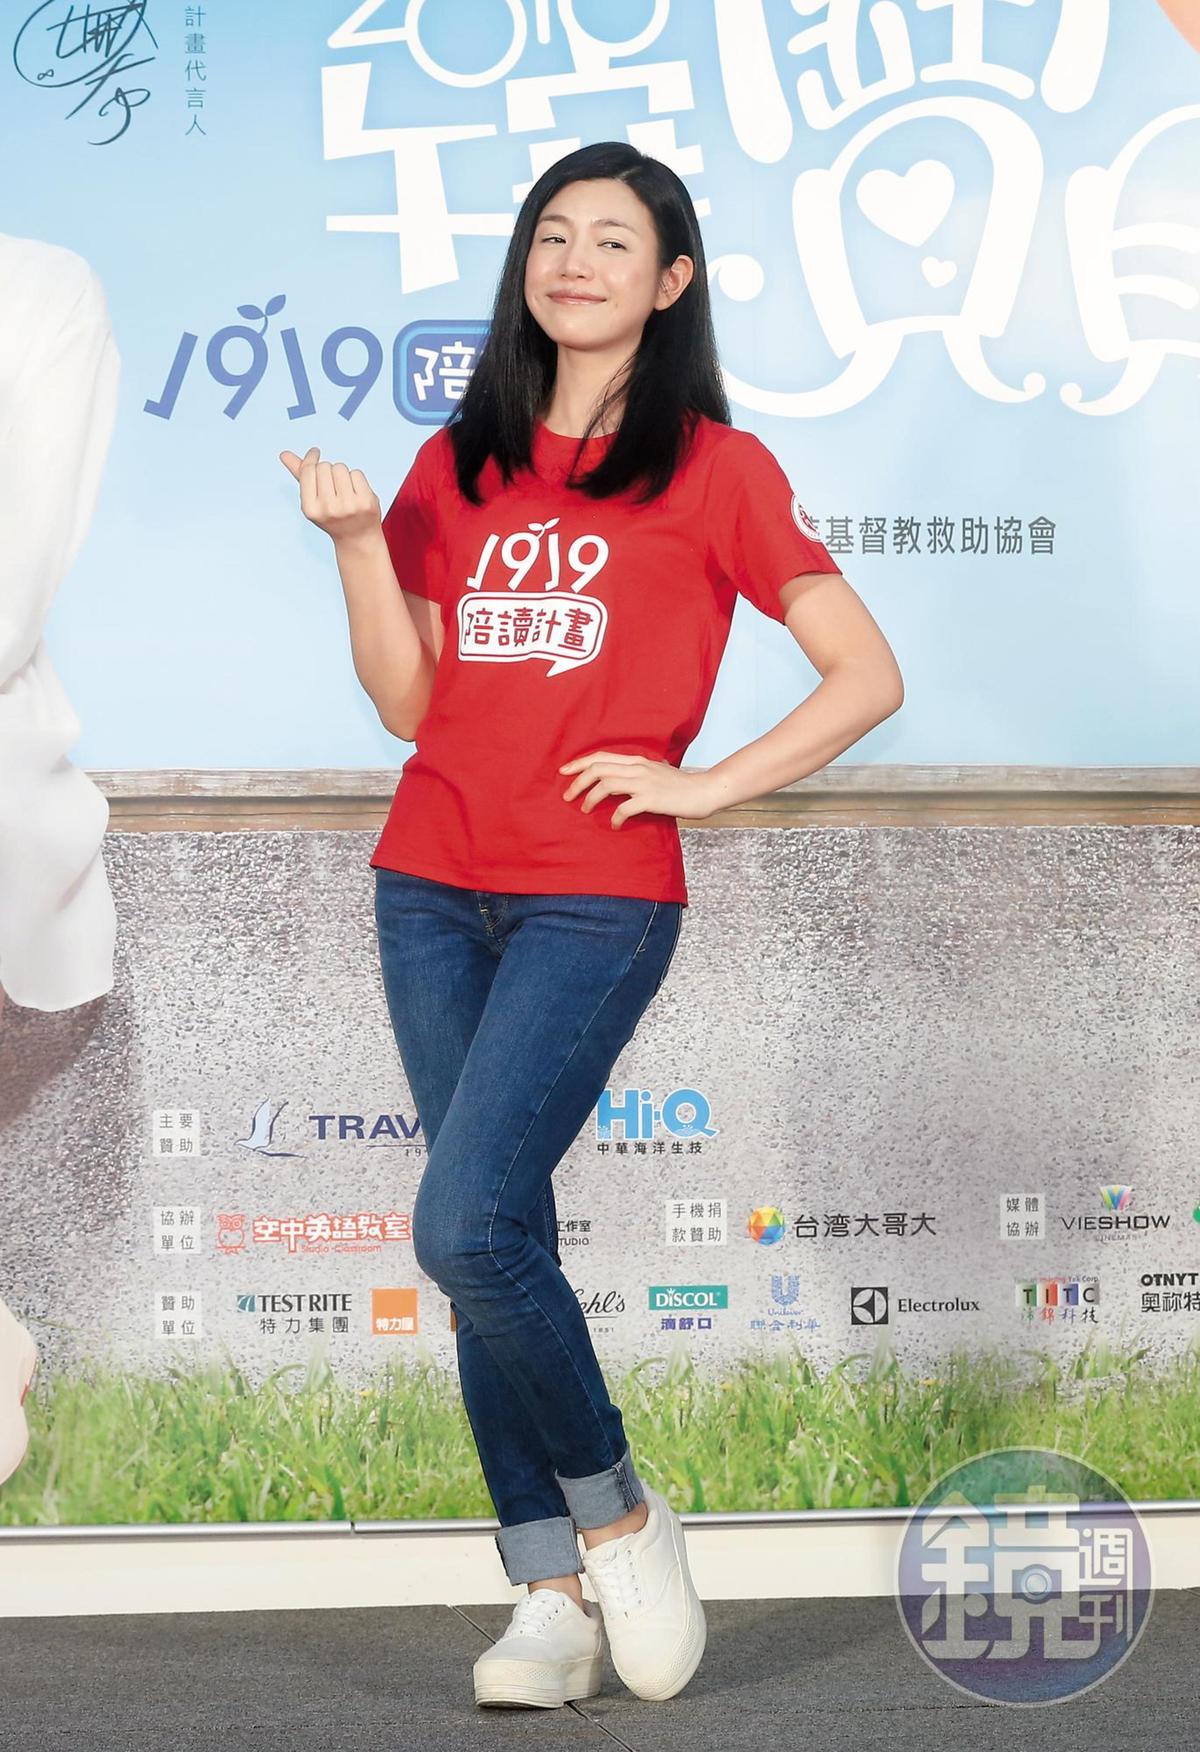 演出《神鵰俠侶》讓陳妍希成為女星界的小籠包掌門人,如今她已渾臉盡失小籠包味,改比韓系愛心手指。